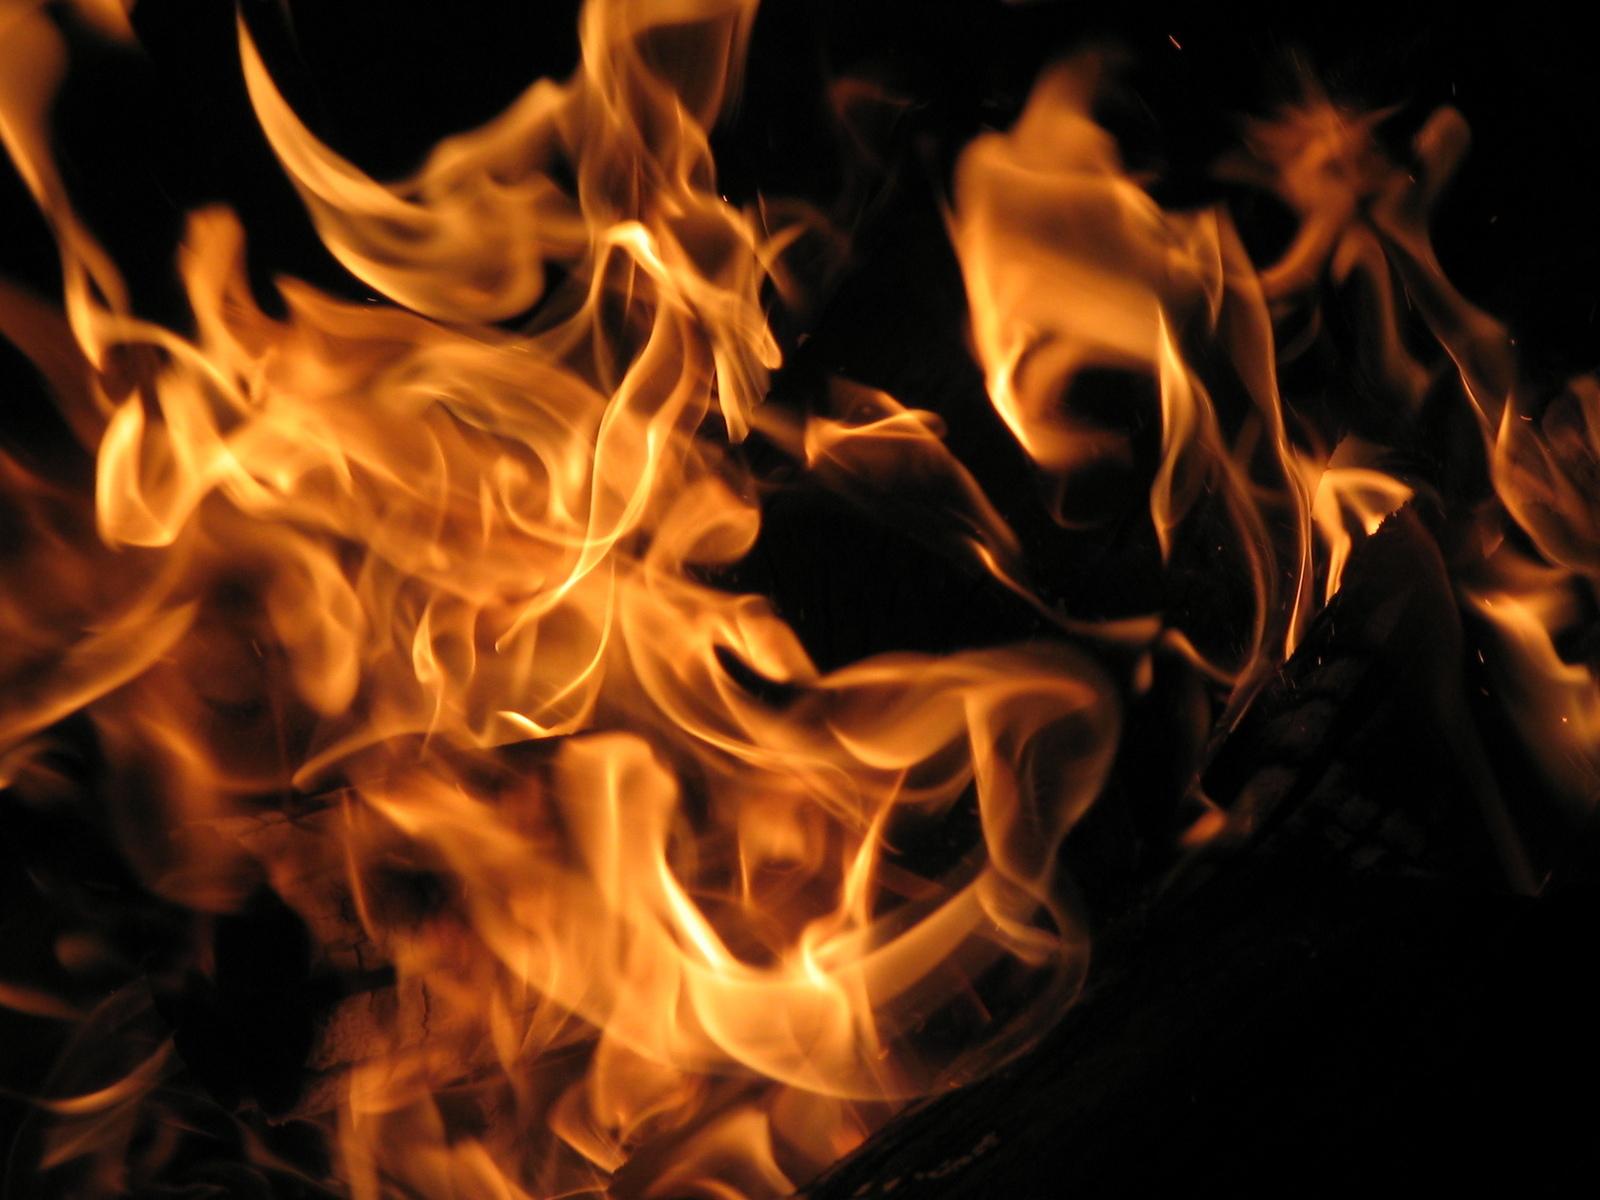 fire-1399126-1600x1200